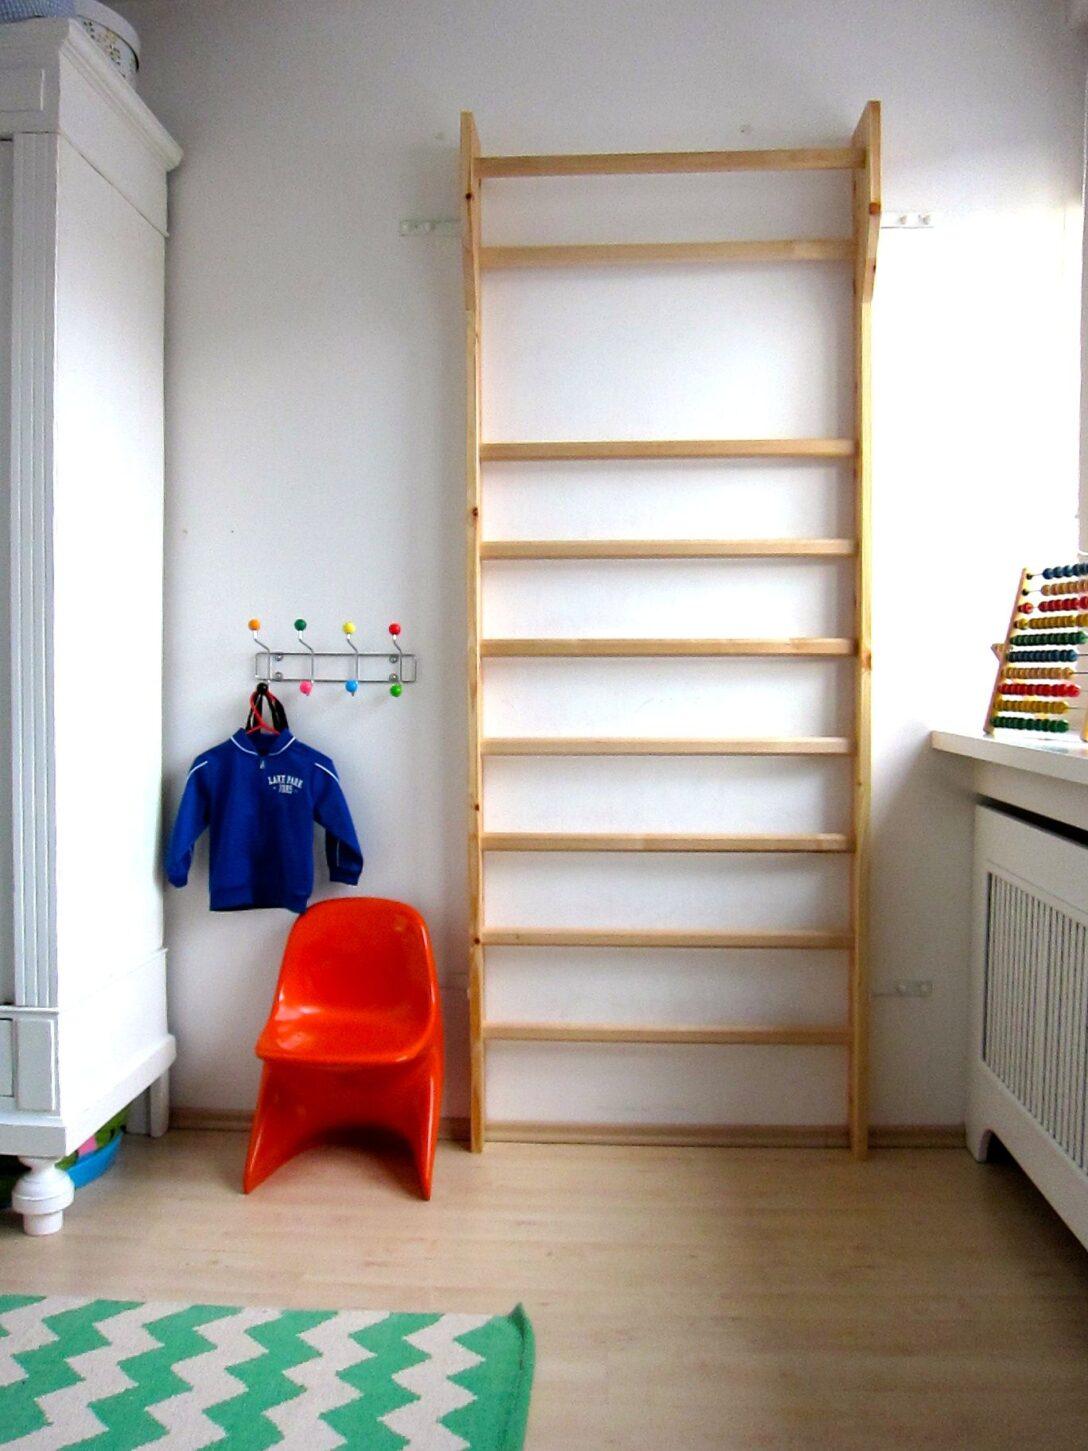 Large Size of Sprossenwand Kinderzimmer Kletterwand Sofa Regale Regal Weiß Kinderzimmer Sprossenwand Kinderzimmer